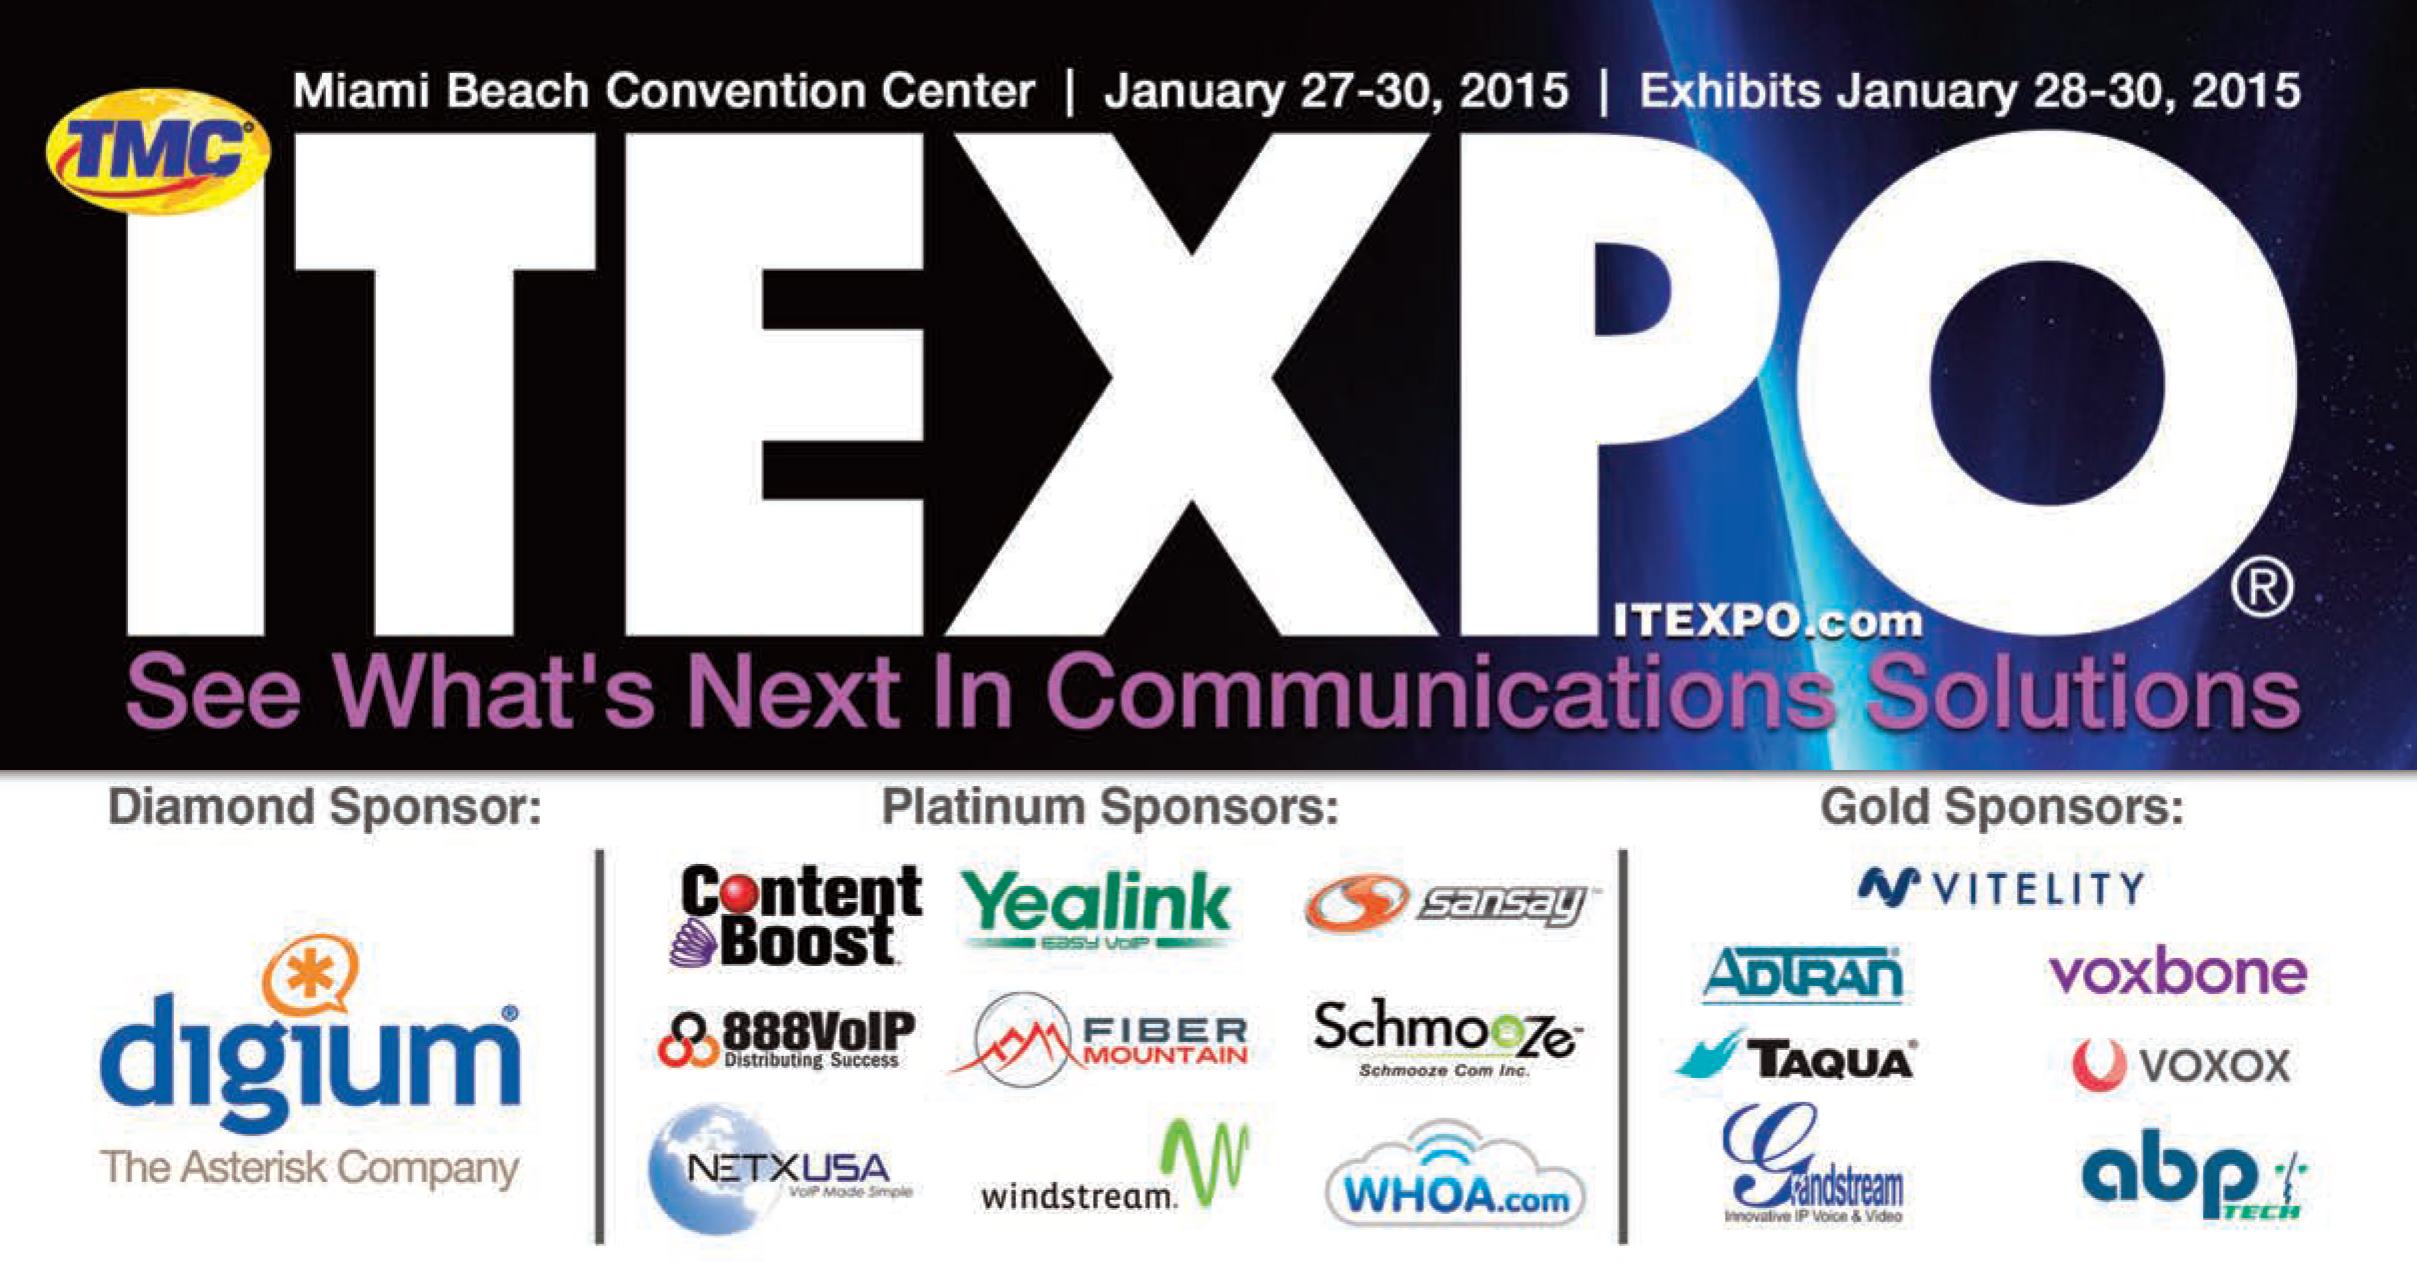 ITEXPO-Show-Guide-Final-Miami-2015-1